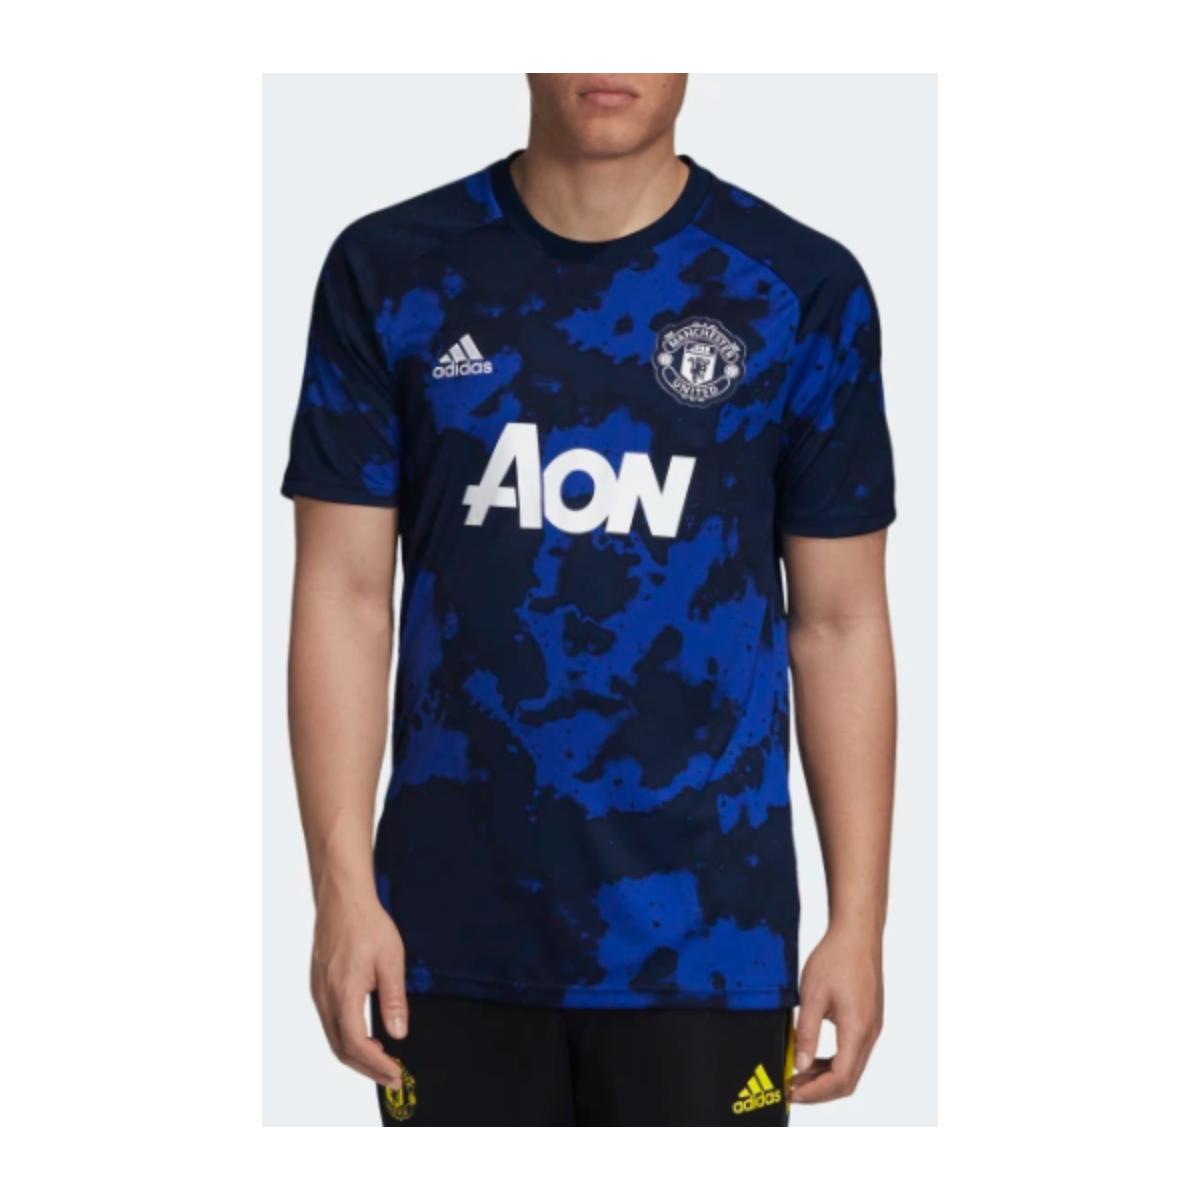 Camiseta Masculina Adidas Dx9089 Pre Jogo Man United i Royal/marinho